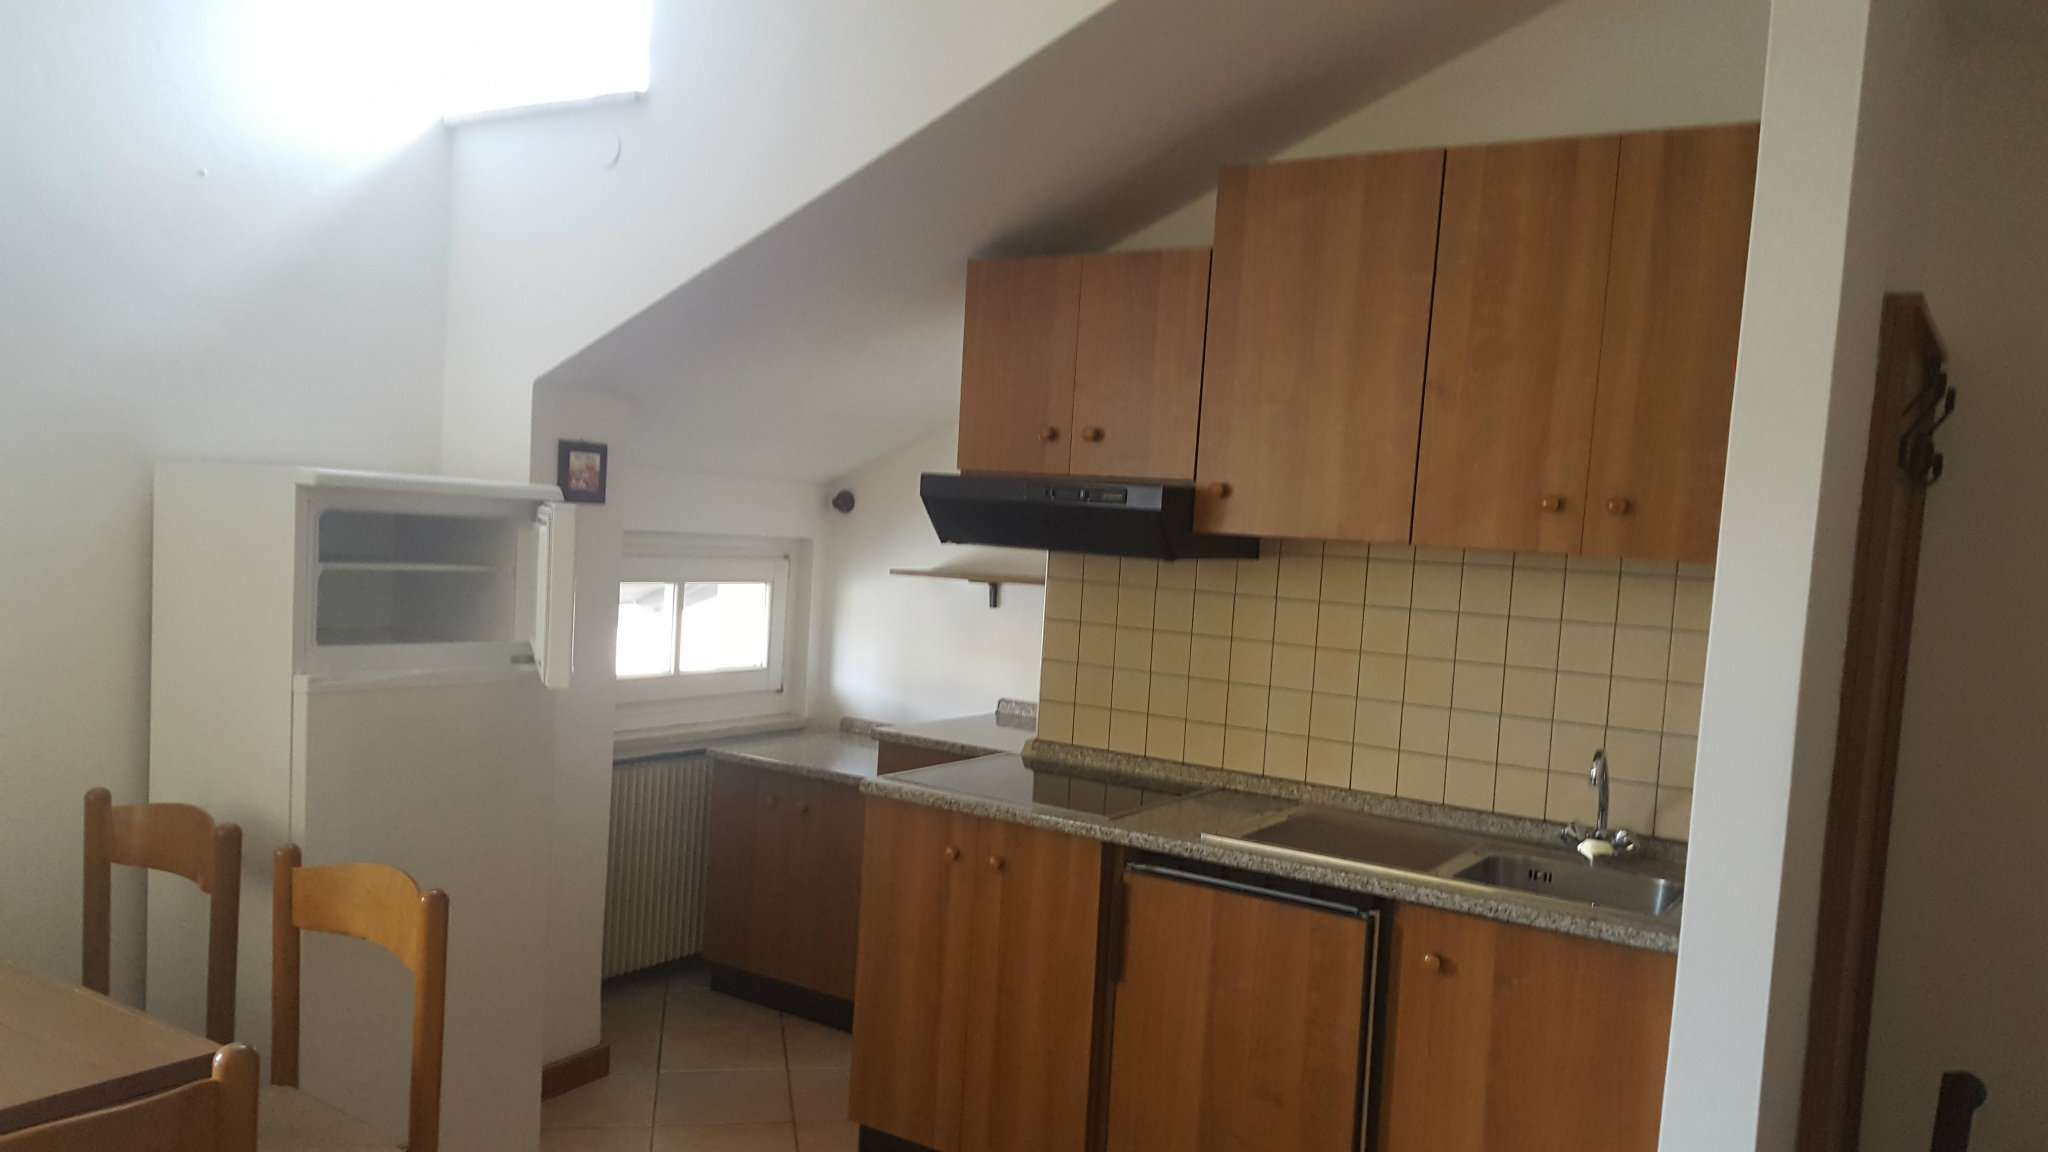 Appartamento in affitto a Cles, 3 locali, prezzo € 420 | CambioCasa.it